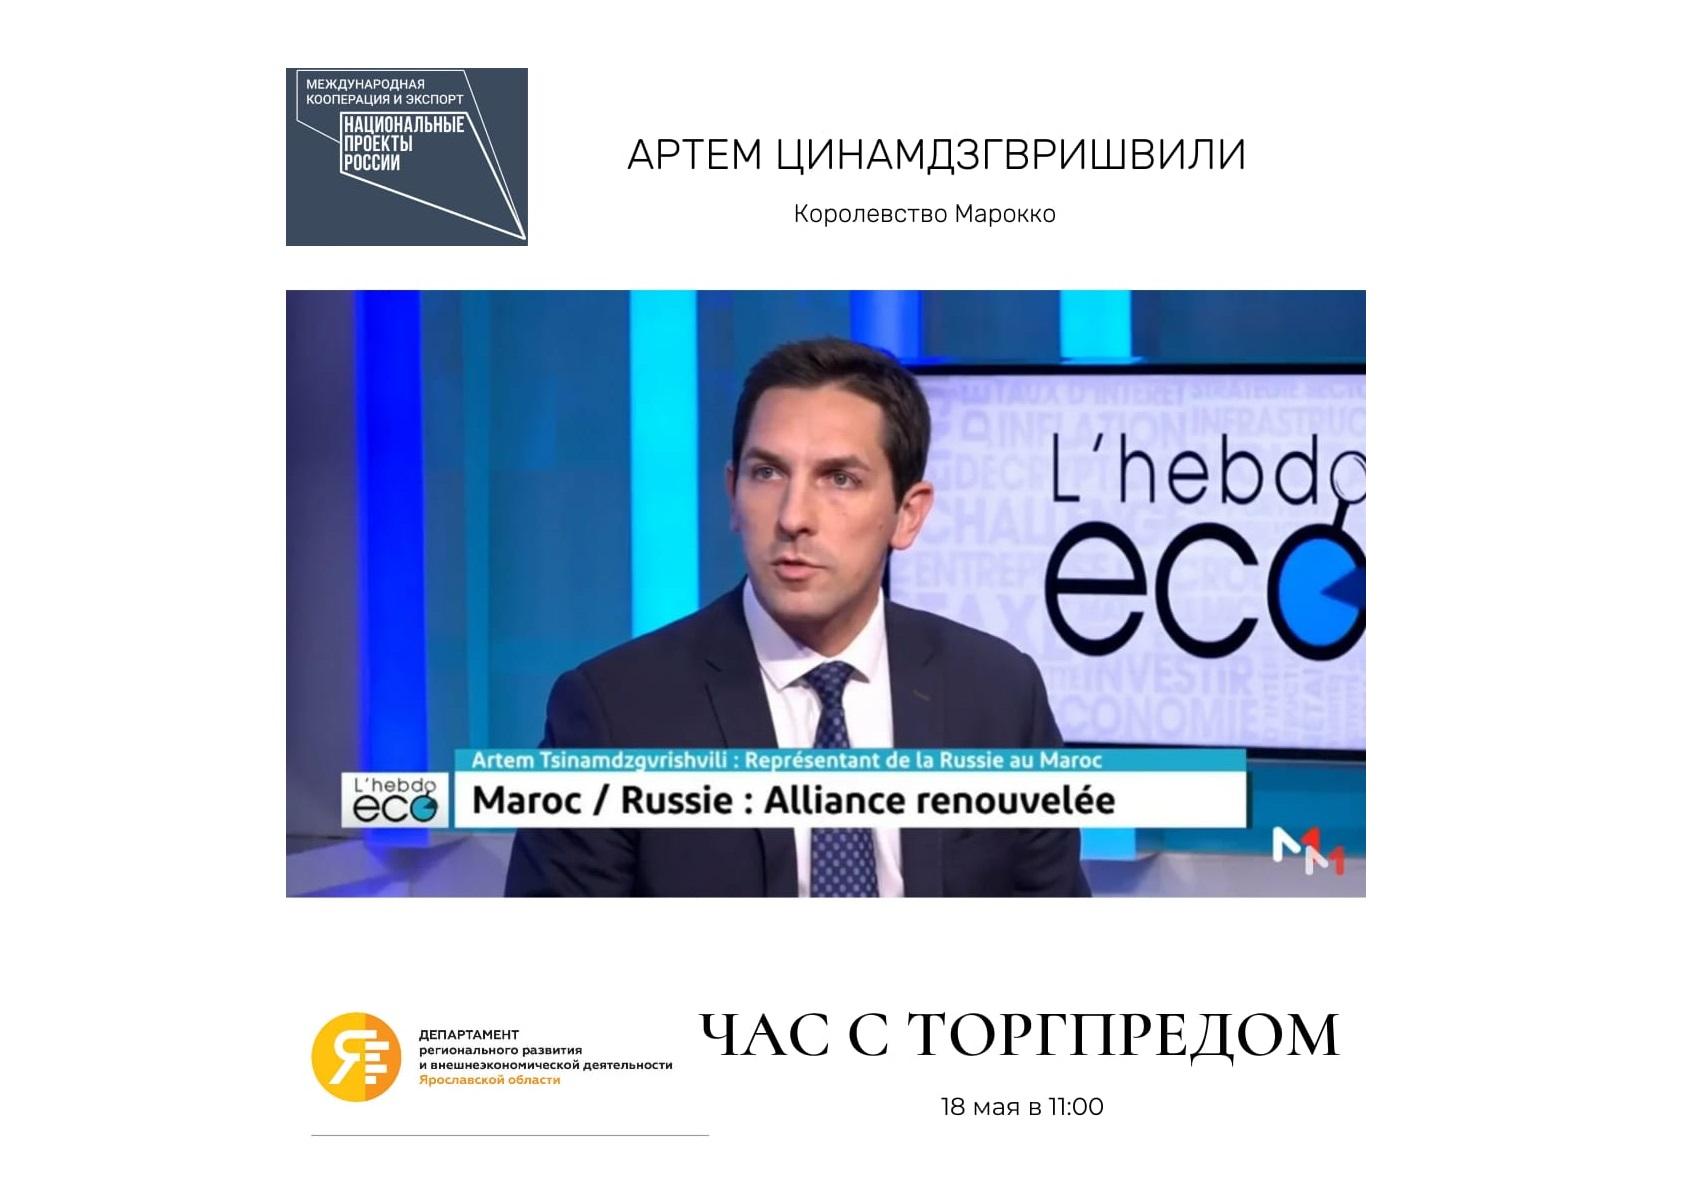 Ярославские экспортеры могут выйти на рынки арабских государств благодаря сотрудничеству с Марокко